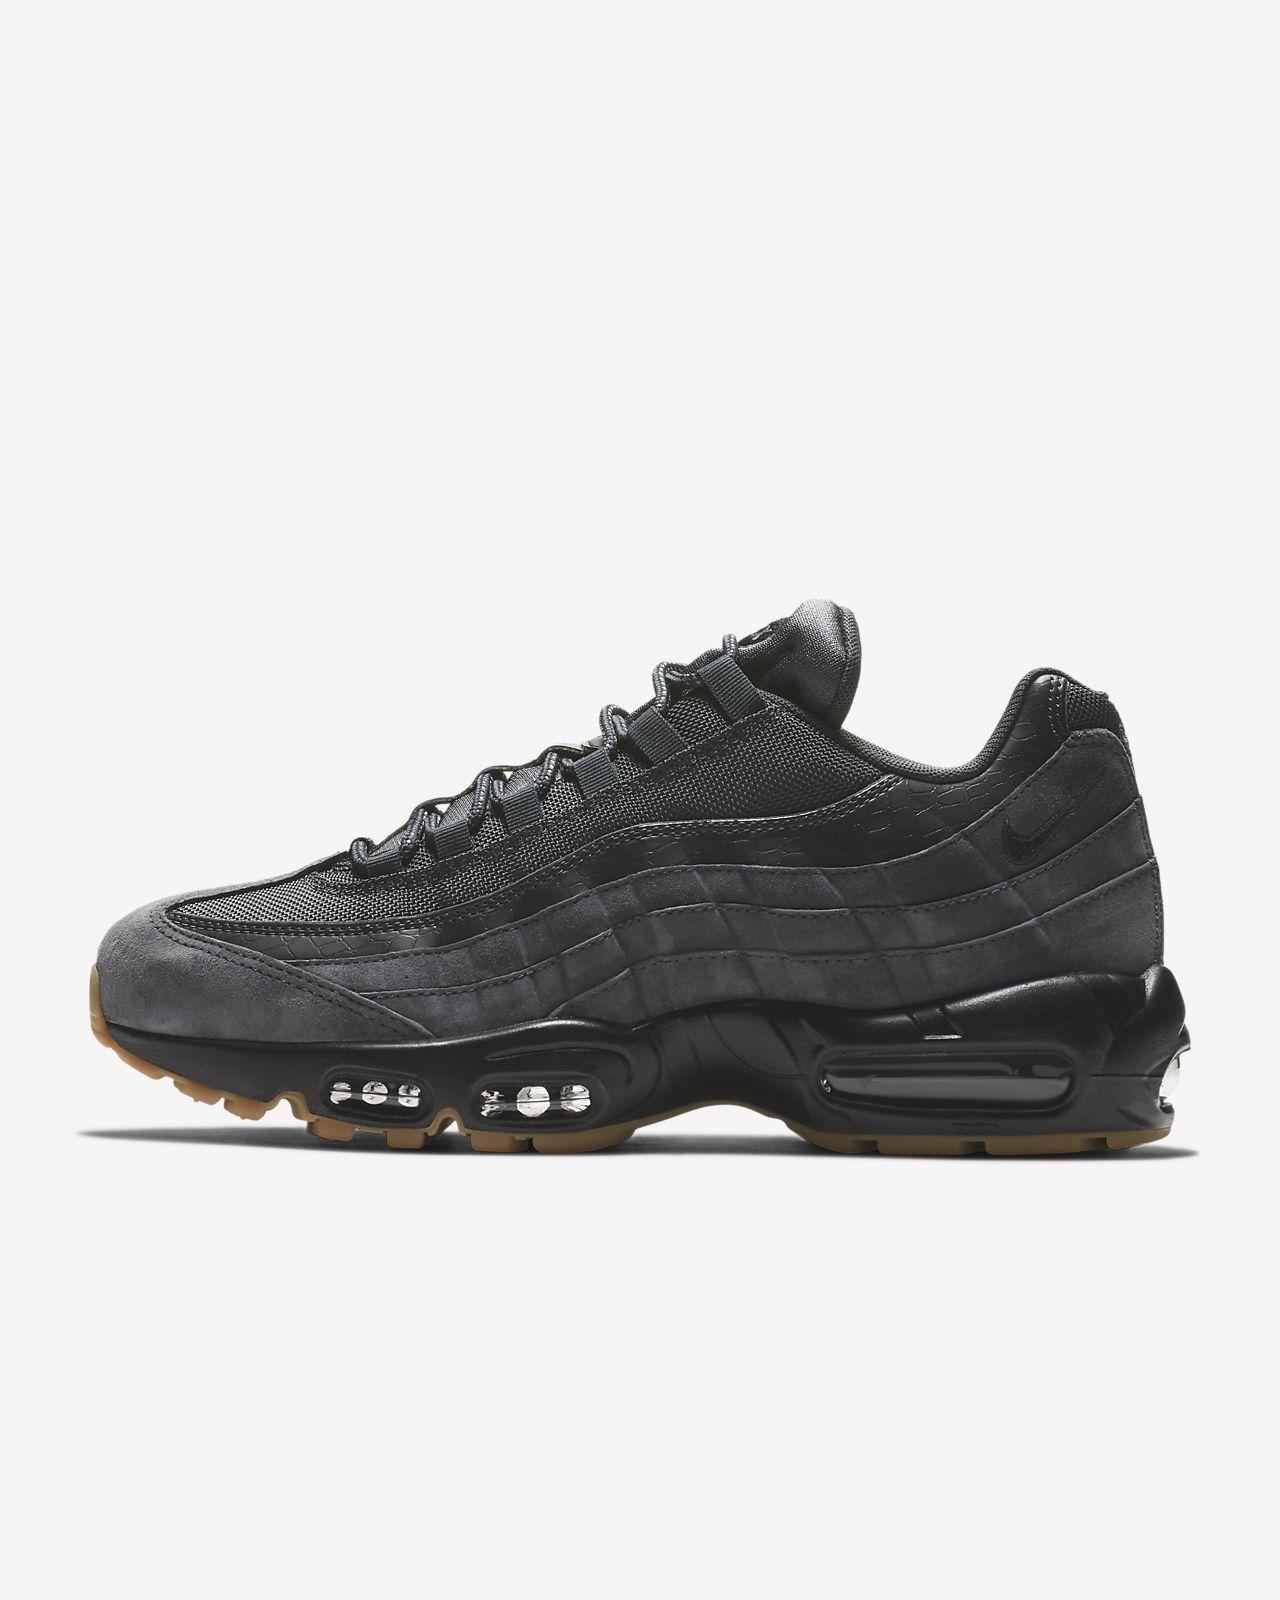 wholesale dealer 935d1 e97fb ... Chaussure Nike Air Max 95 SE pour Homme